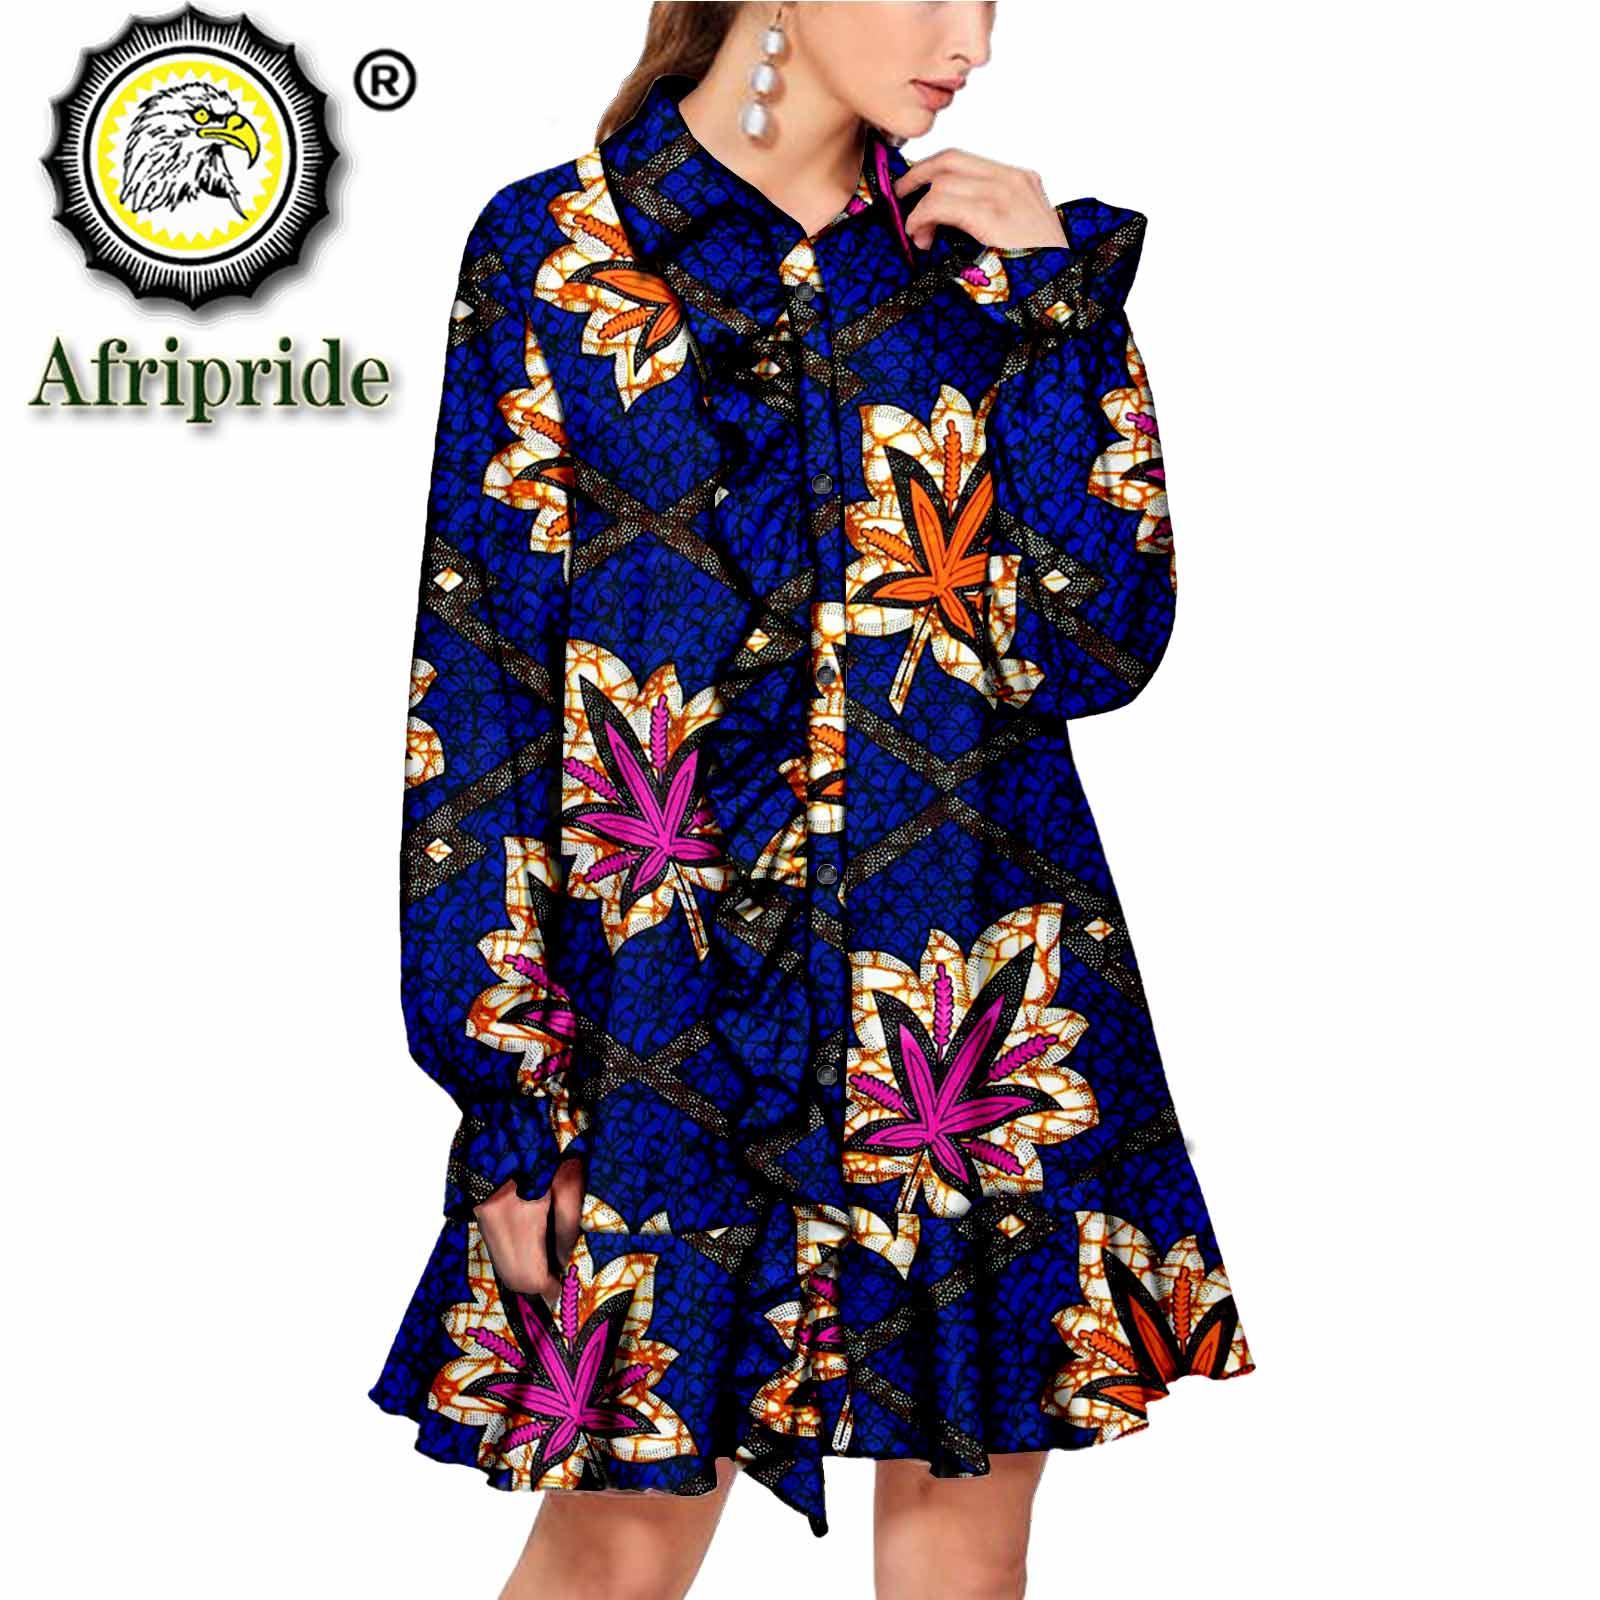 Africanos para Mulheres Vestidos Elegent Floral Impressão Tradicional Ancara Dashiki Camisas Vestido Patchework Senhora Vestuários Festa S2125023